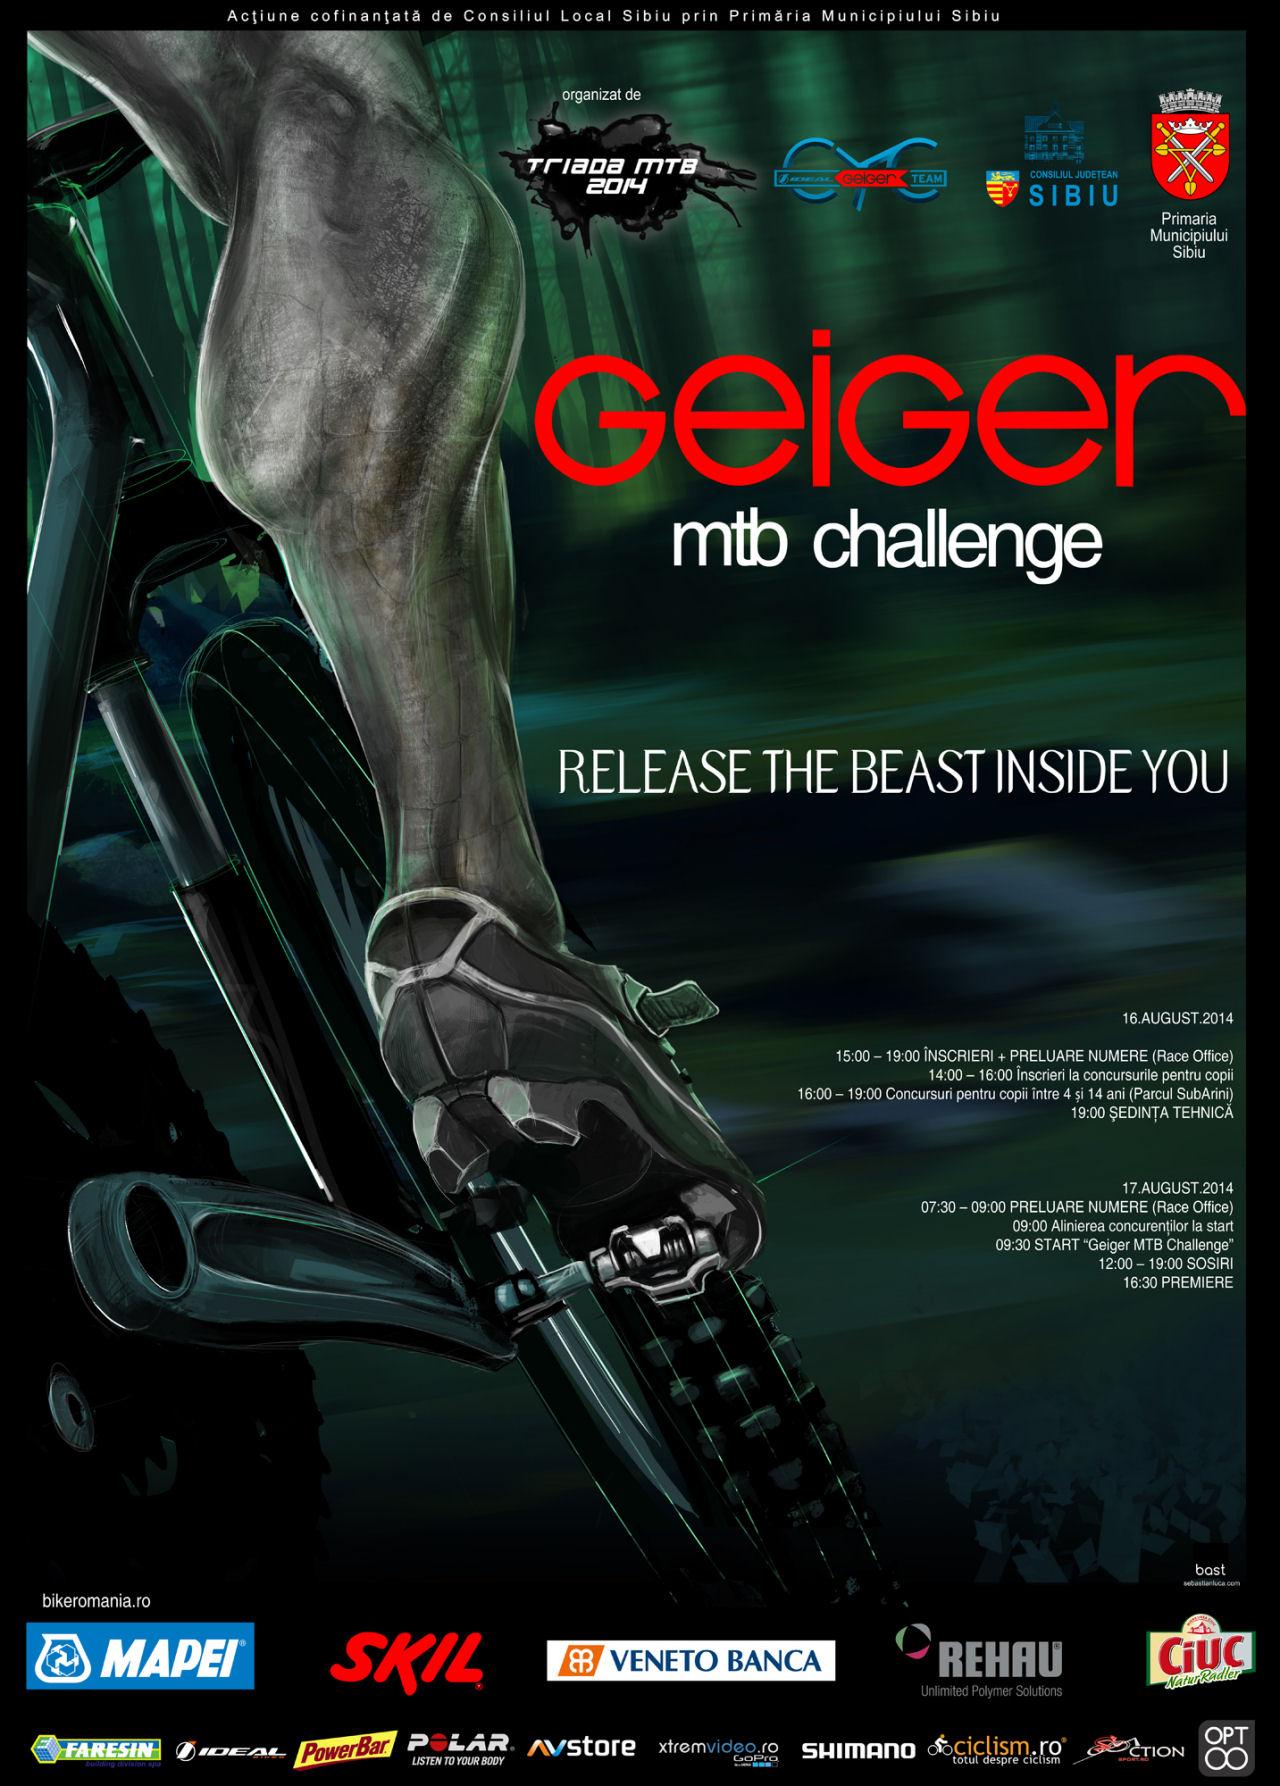 Geiger MTB Challenge - Triada MTB 2014 et.3